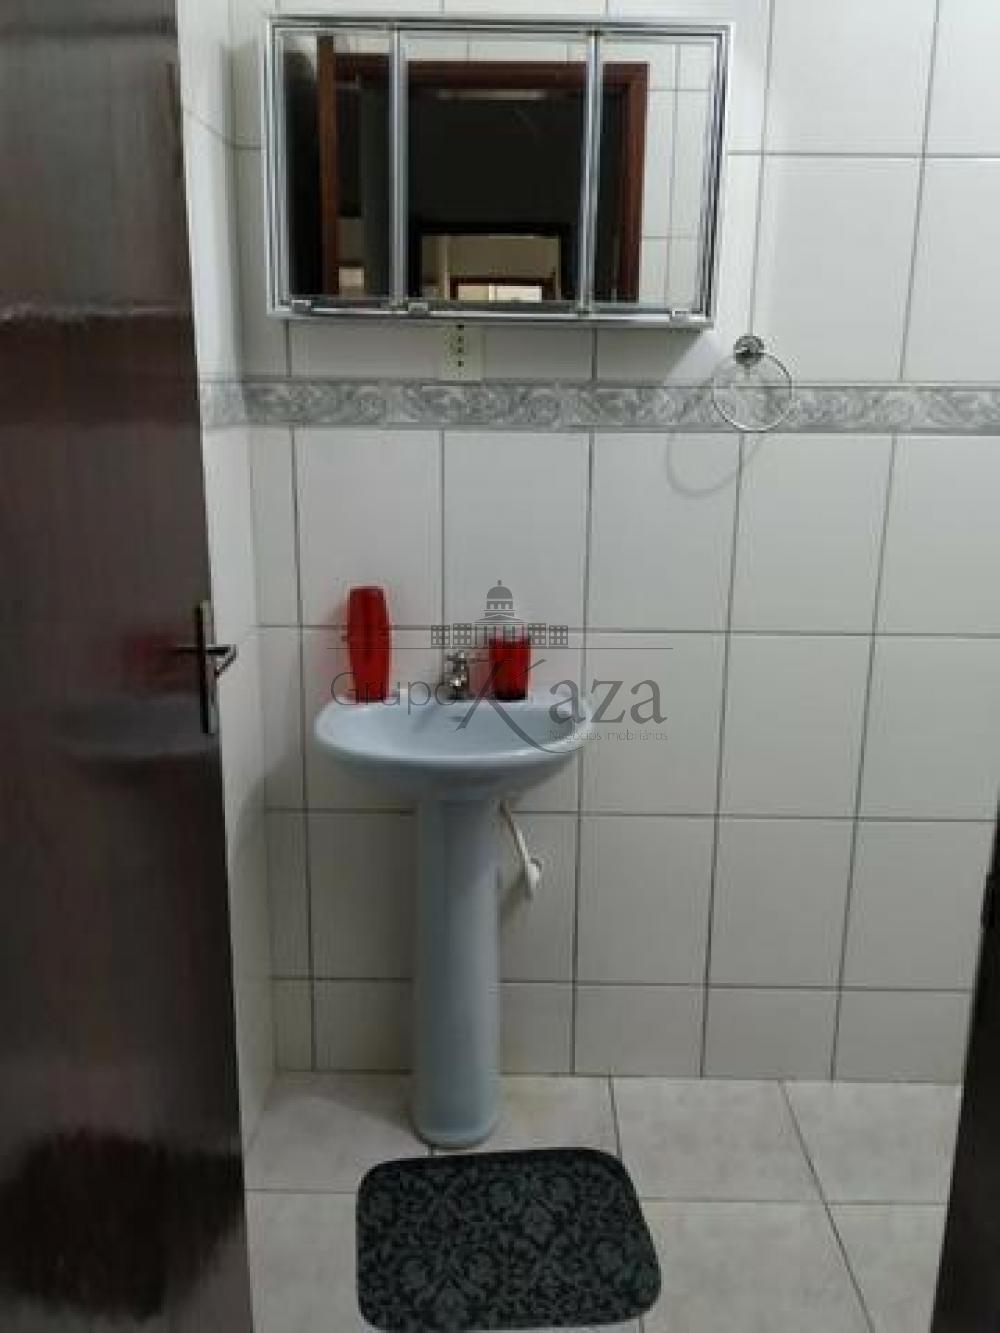 Comprar Casa / Sobrado em São José dos Campos apenas R$ 365.000,00 - Foto 9